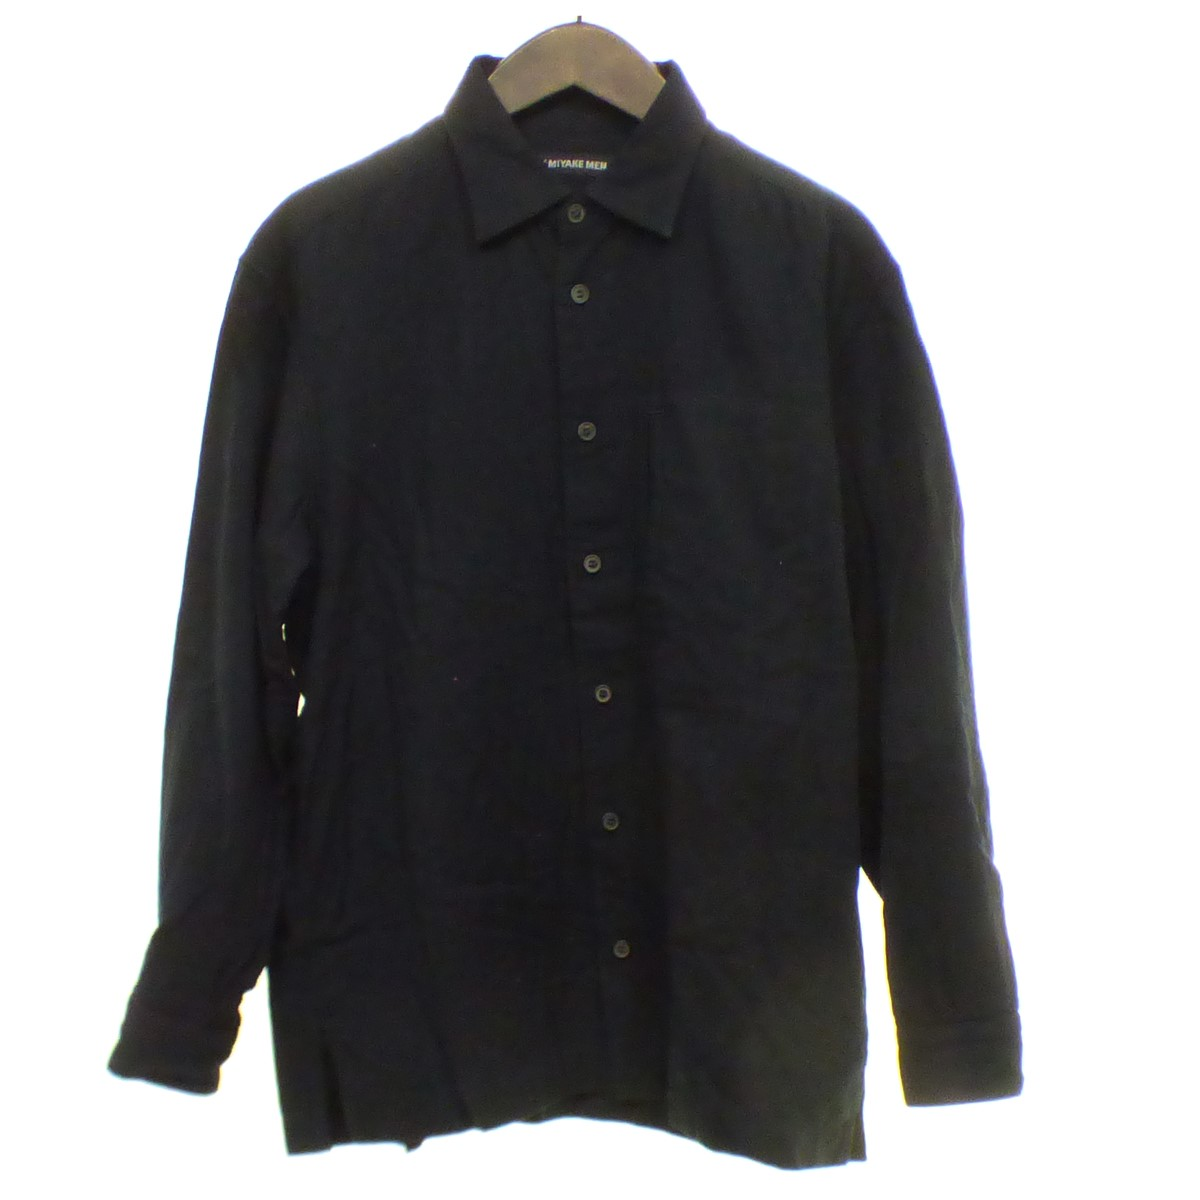 【中古】ISSEY MIYAKE MEN 【2017A/W】 コットン 長袖シャツ ブラック サイズ:2 【071019】(イッセイミヤケ)